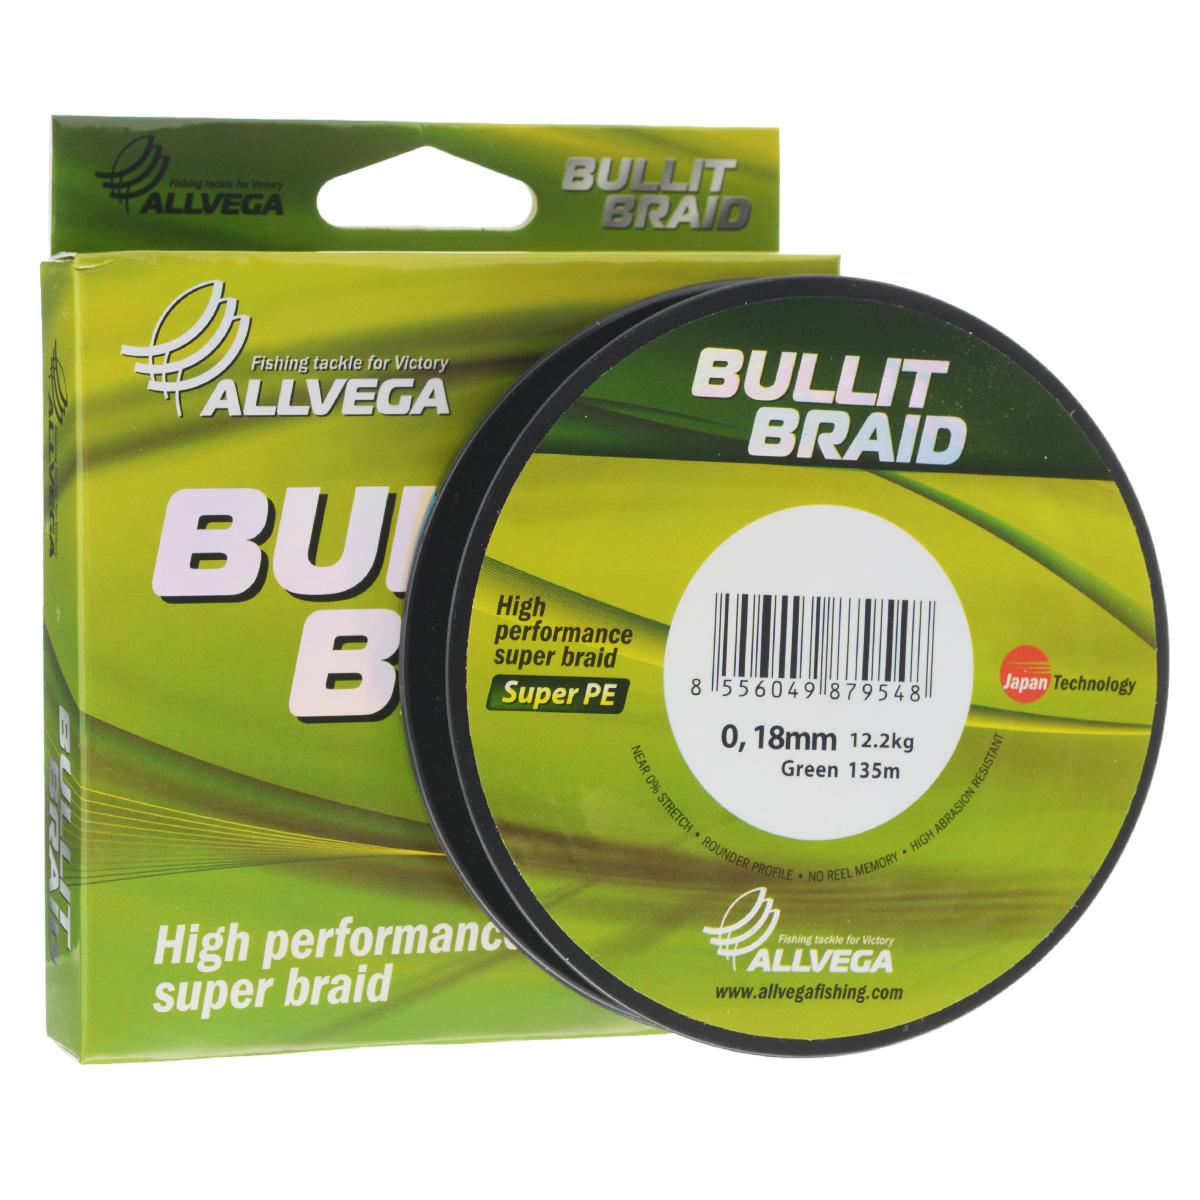 Леска плетеная Allvega Bullit Braid, цвет: темно-зеленый, 135 м, 0,18 мм, 12,2 кг21443Леска Allvega Bullit Braid с гладкой поверхностью и одинаковым сечением по всей длине обладает высокой износостойкостью. Благодаря микроволокнам полиэтилена (Super PE) леска имеет очень плотное плетение и не впитывает воду. Леску Allvega Bullit Braid можно применять в любых типах водоемов. Особенности:повышенная износостойкость;высокая чувствительность - коэффициент растяжения близок к нулю;отсутствует память; идеально гладкая поверхность позволяет увеличить дальность забросов; высокая прочность шнура на узлах.